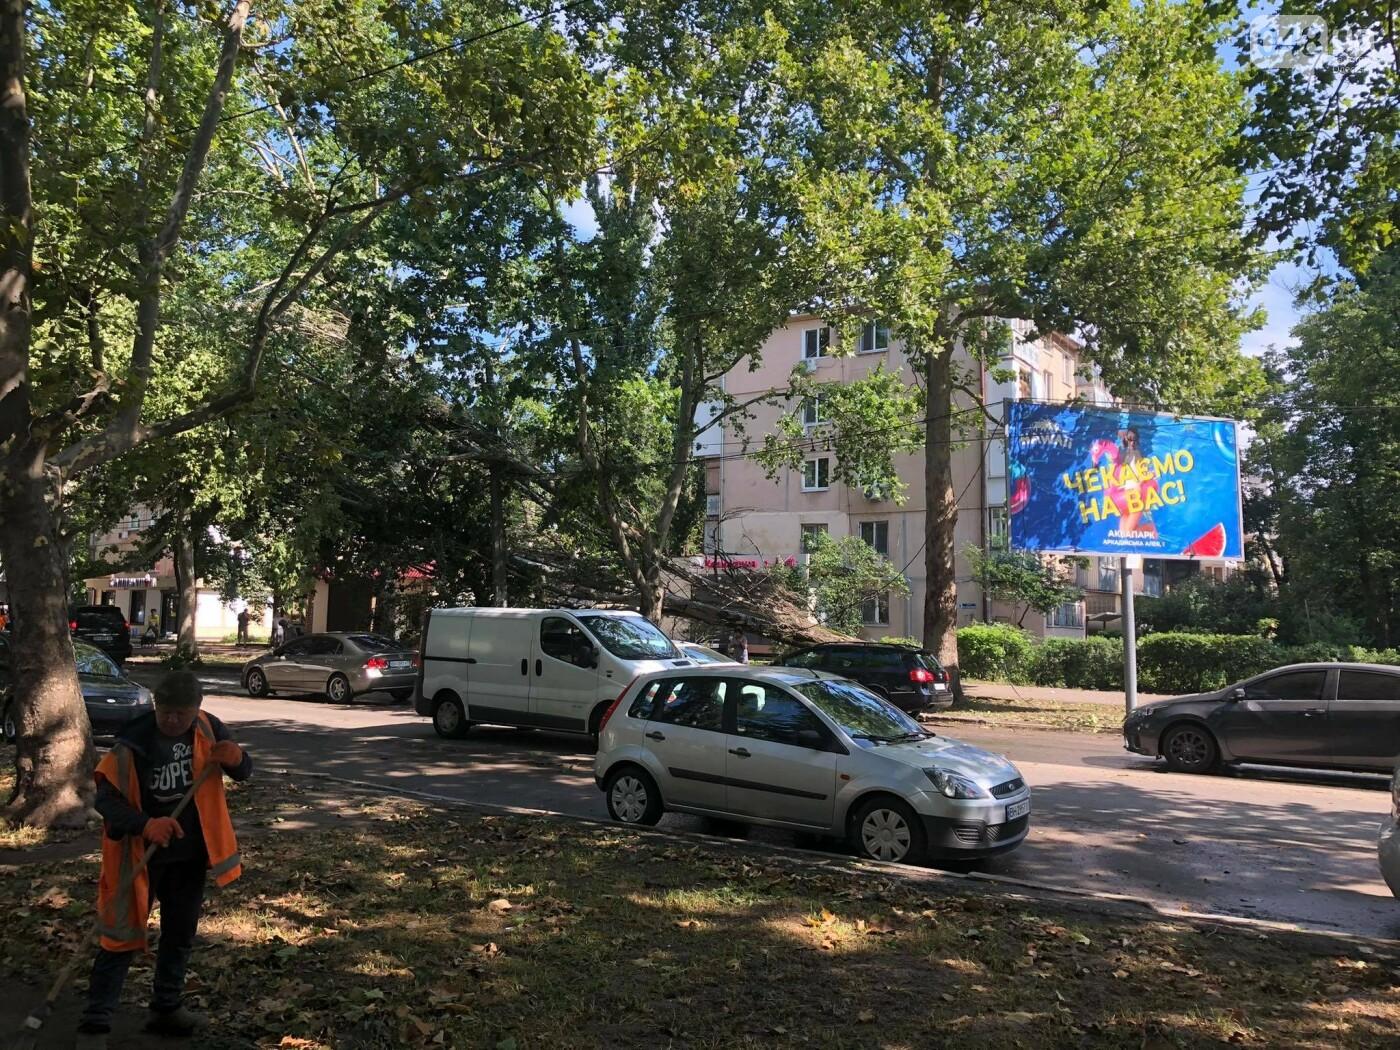 Последствия грозы: упавшее дерево обесточило целую улицу в Одессе, - ФОТО , фото-1